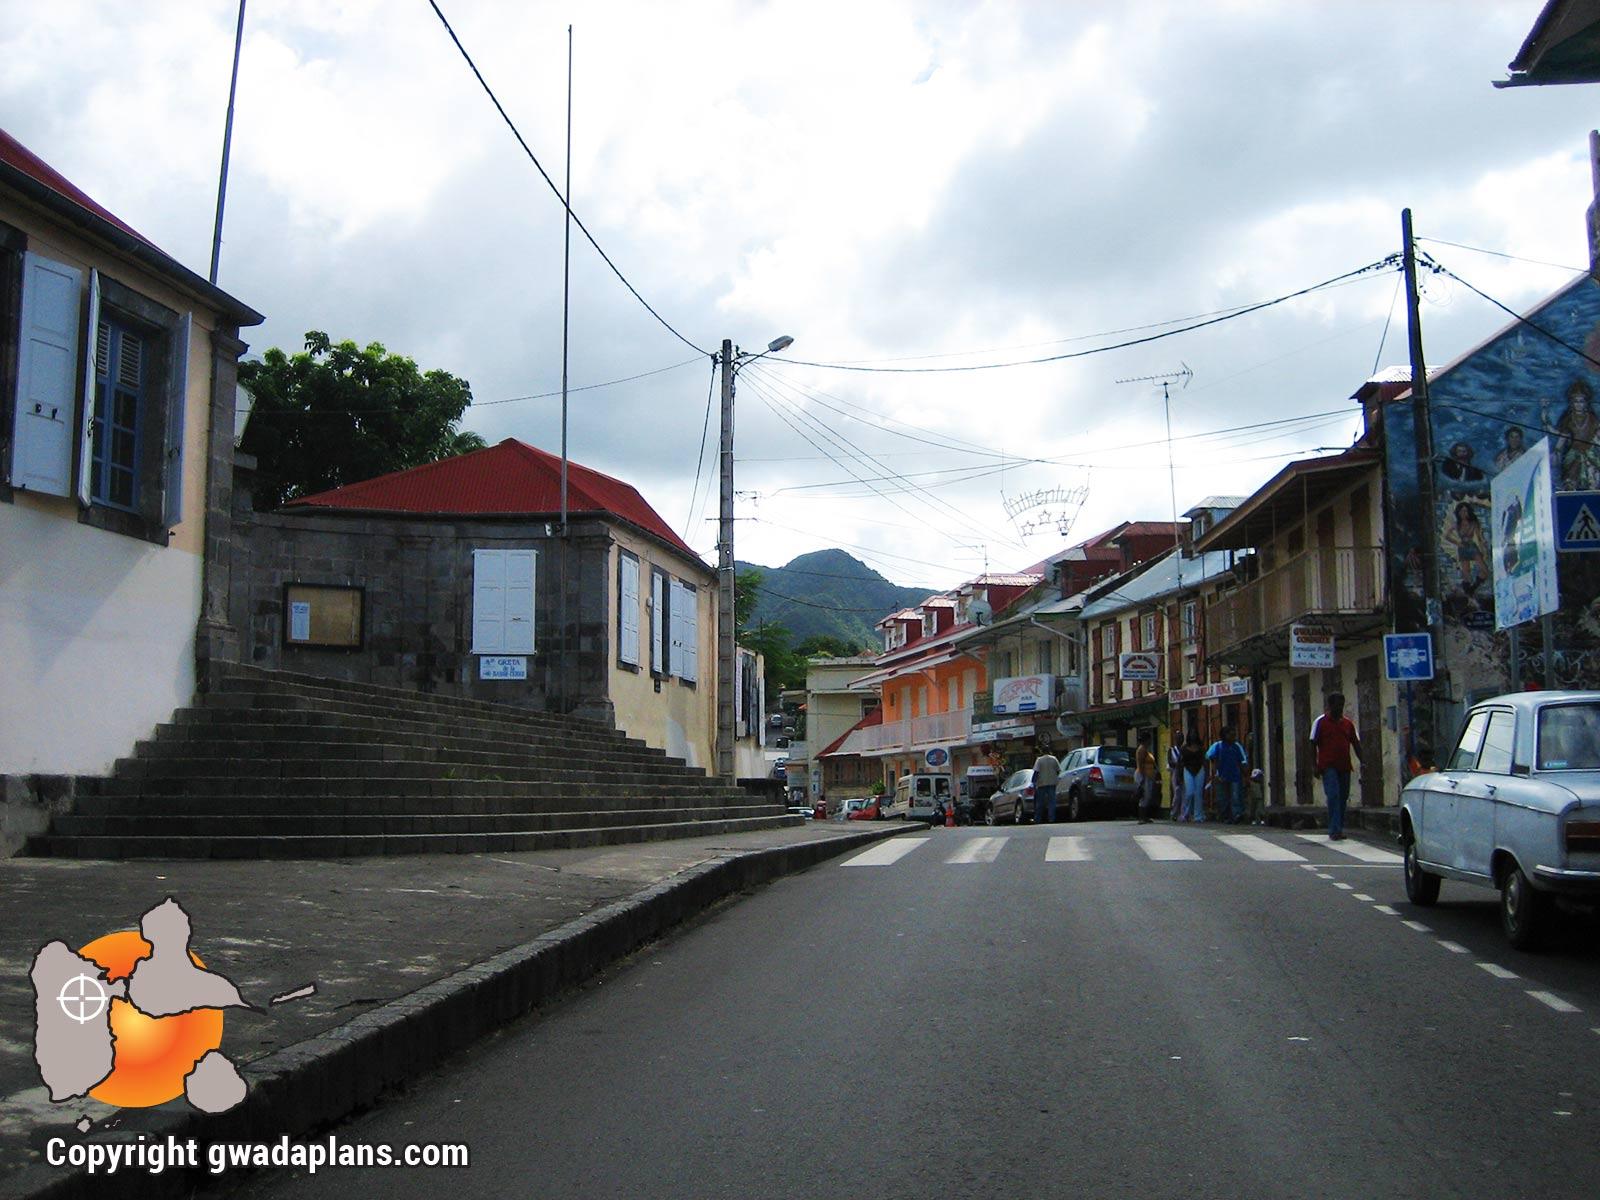 Ville de Basse-Terre : Rue de l'église